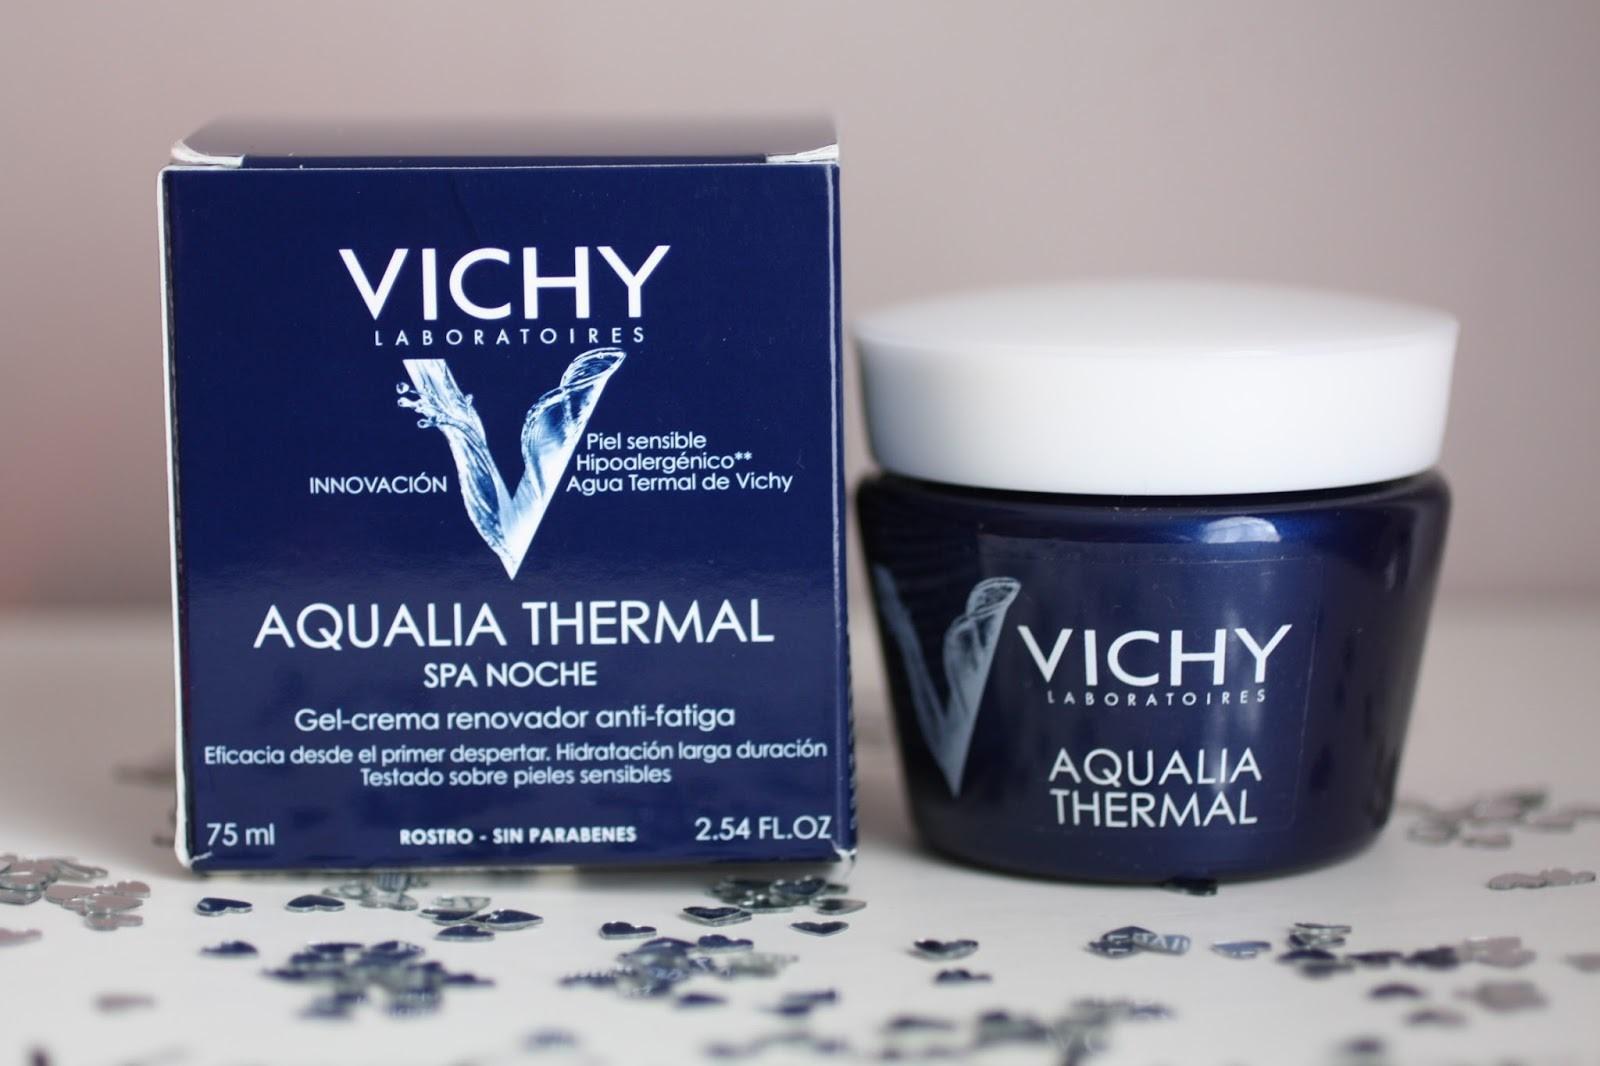 (CHÍNH HÃNG) Mặt nạ ngủ cung cấp nước tức thì Vichy Aqualia Thermal Night Spa 75ml